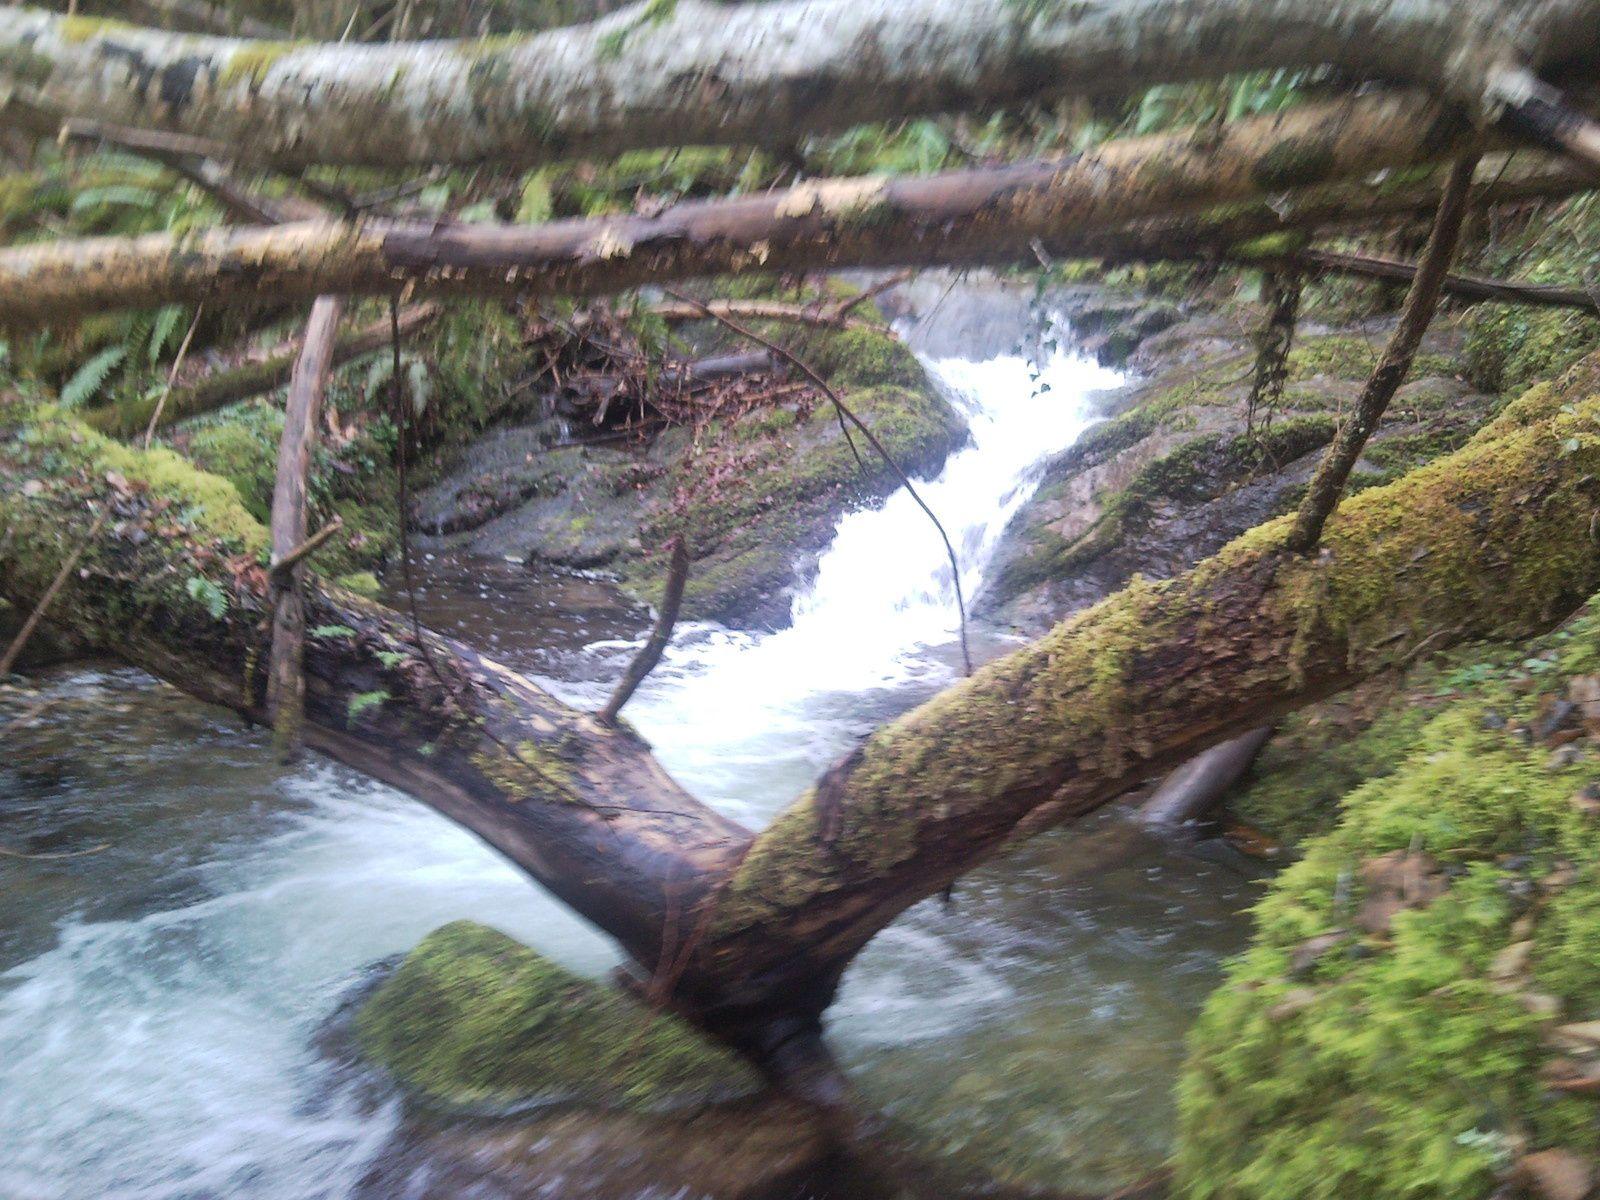 C'est à partir de cet endroit que le Rossignol prend tout son charme d'une part par la beauté du ruisseau, et de ses truites, c'est une petite rando pêche fort intéressante à faire. Je n'ai jamais été déçu sur ce secteur et la couleur noir des truites et un véritable bonheur